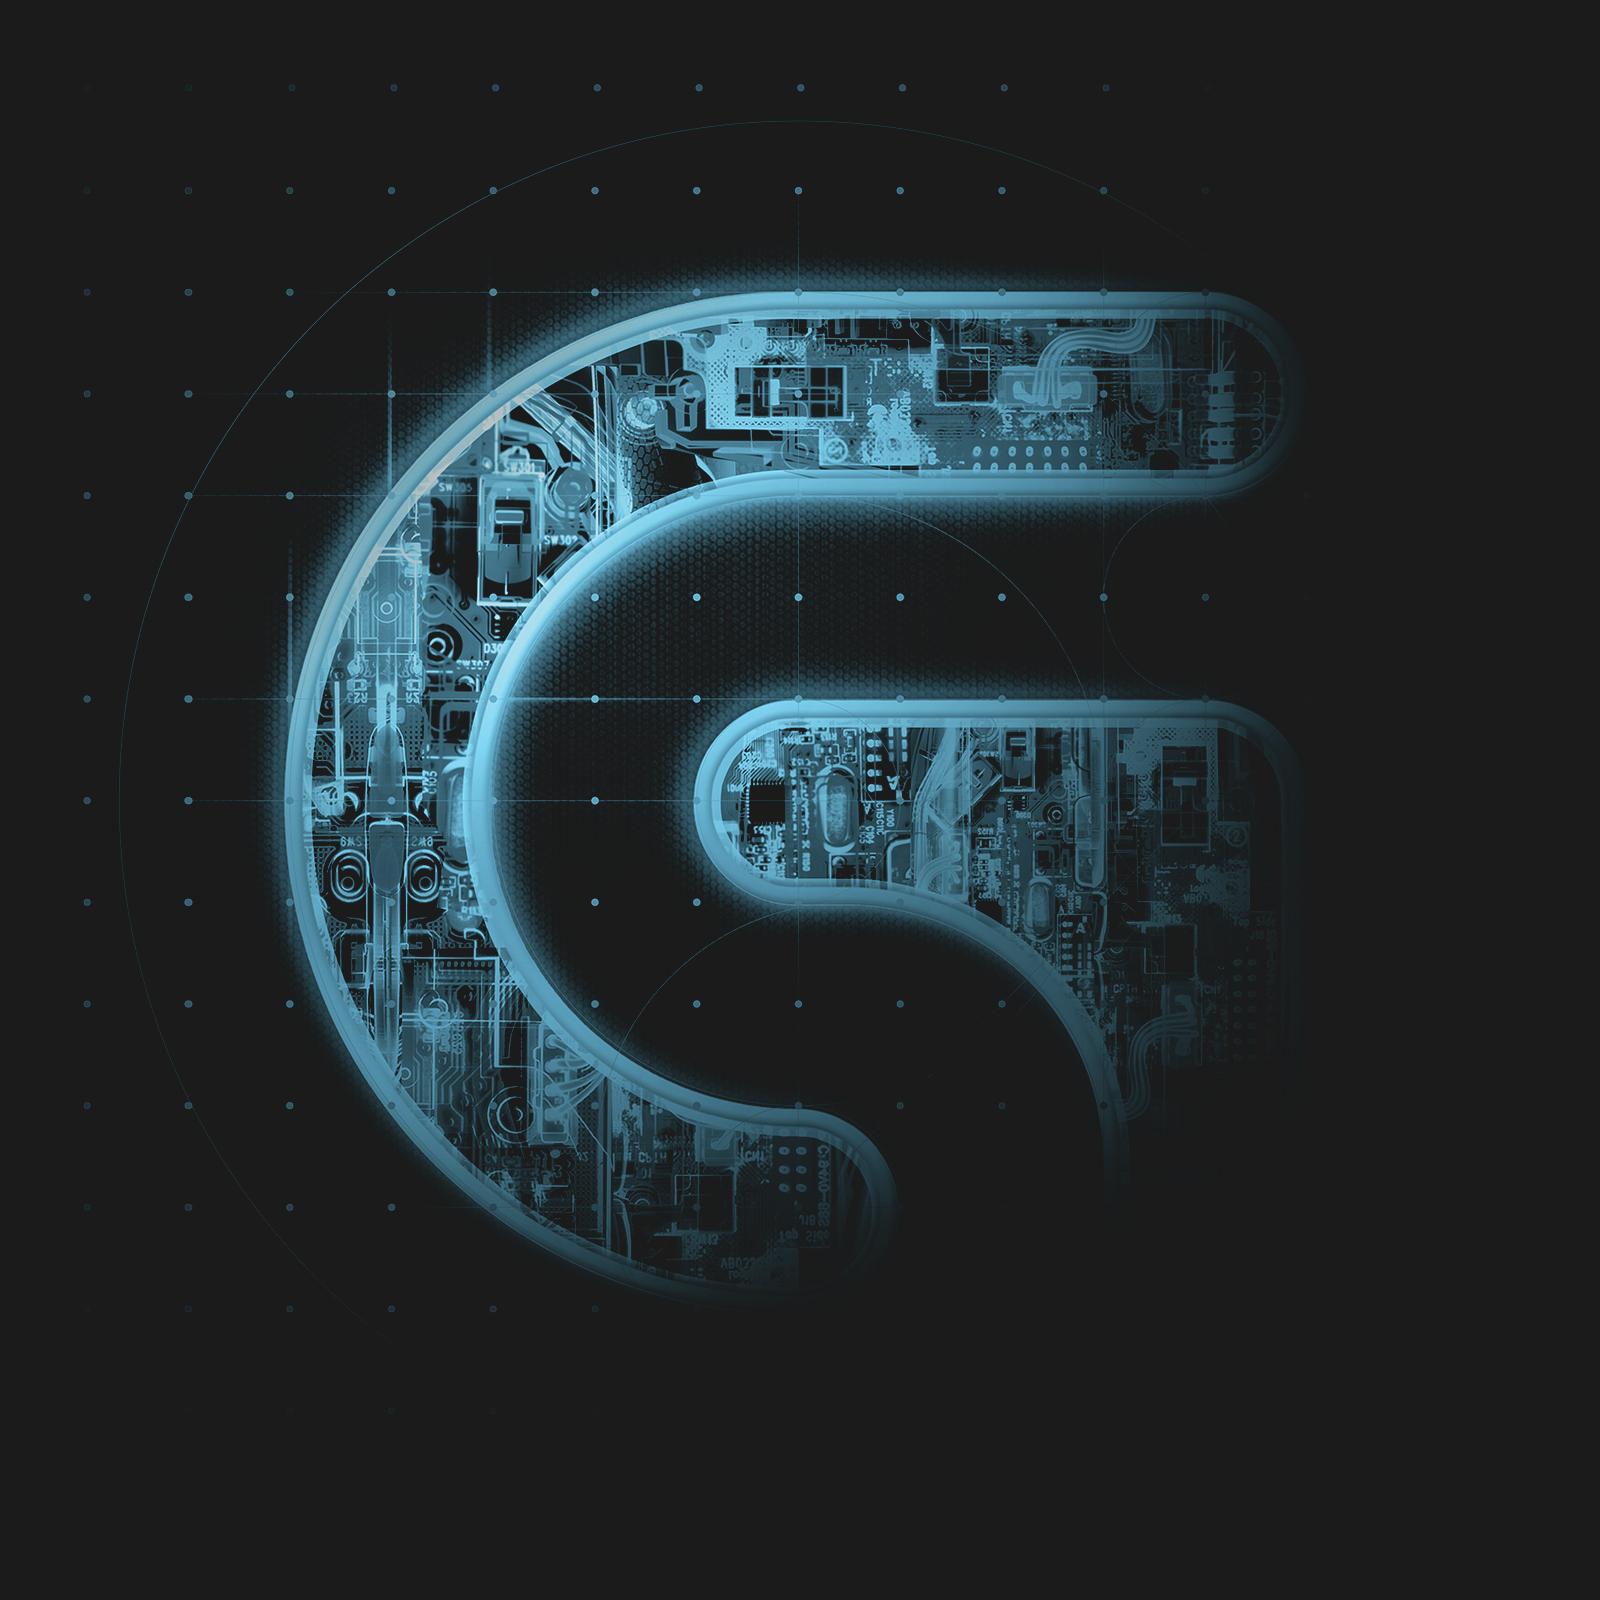 SqSpaceSite_logoHead_LogiG_xRay.jpg